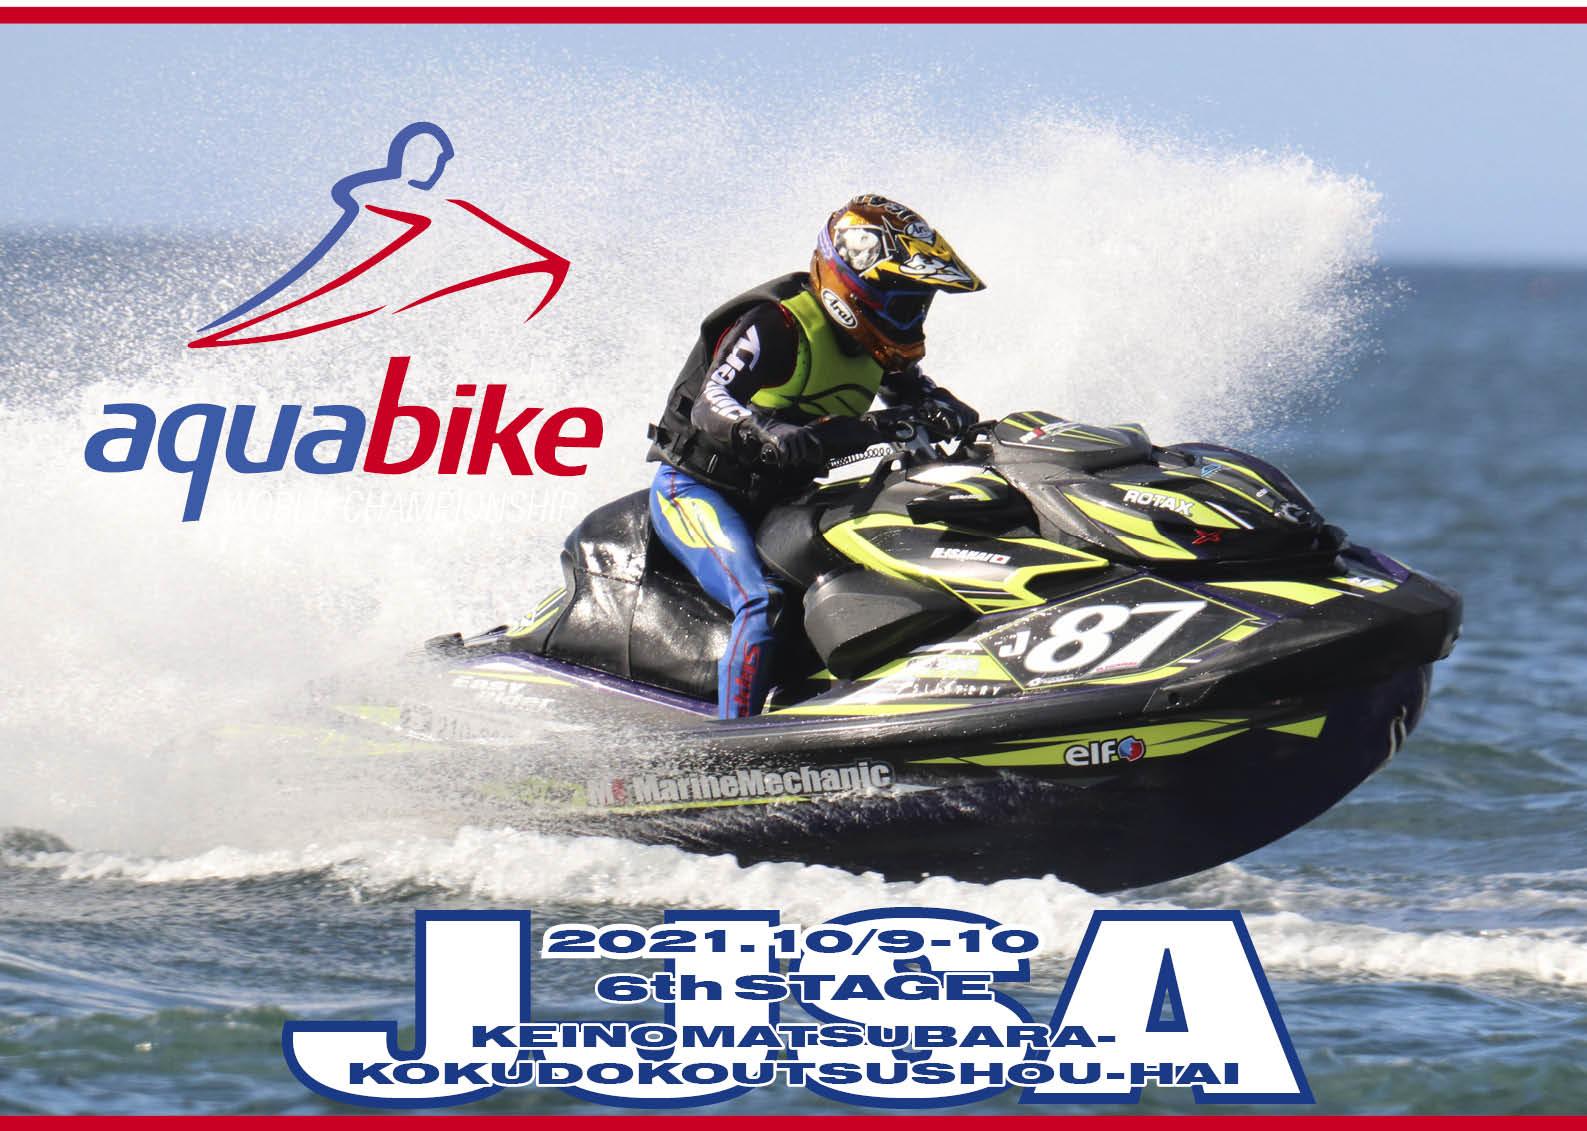 「日本のレース 」 aquabike 2021「RUNABOUT GP1クラス・第6戦 慶野松原大会」 ジェットスキー(水上バイク)